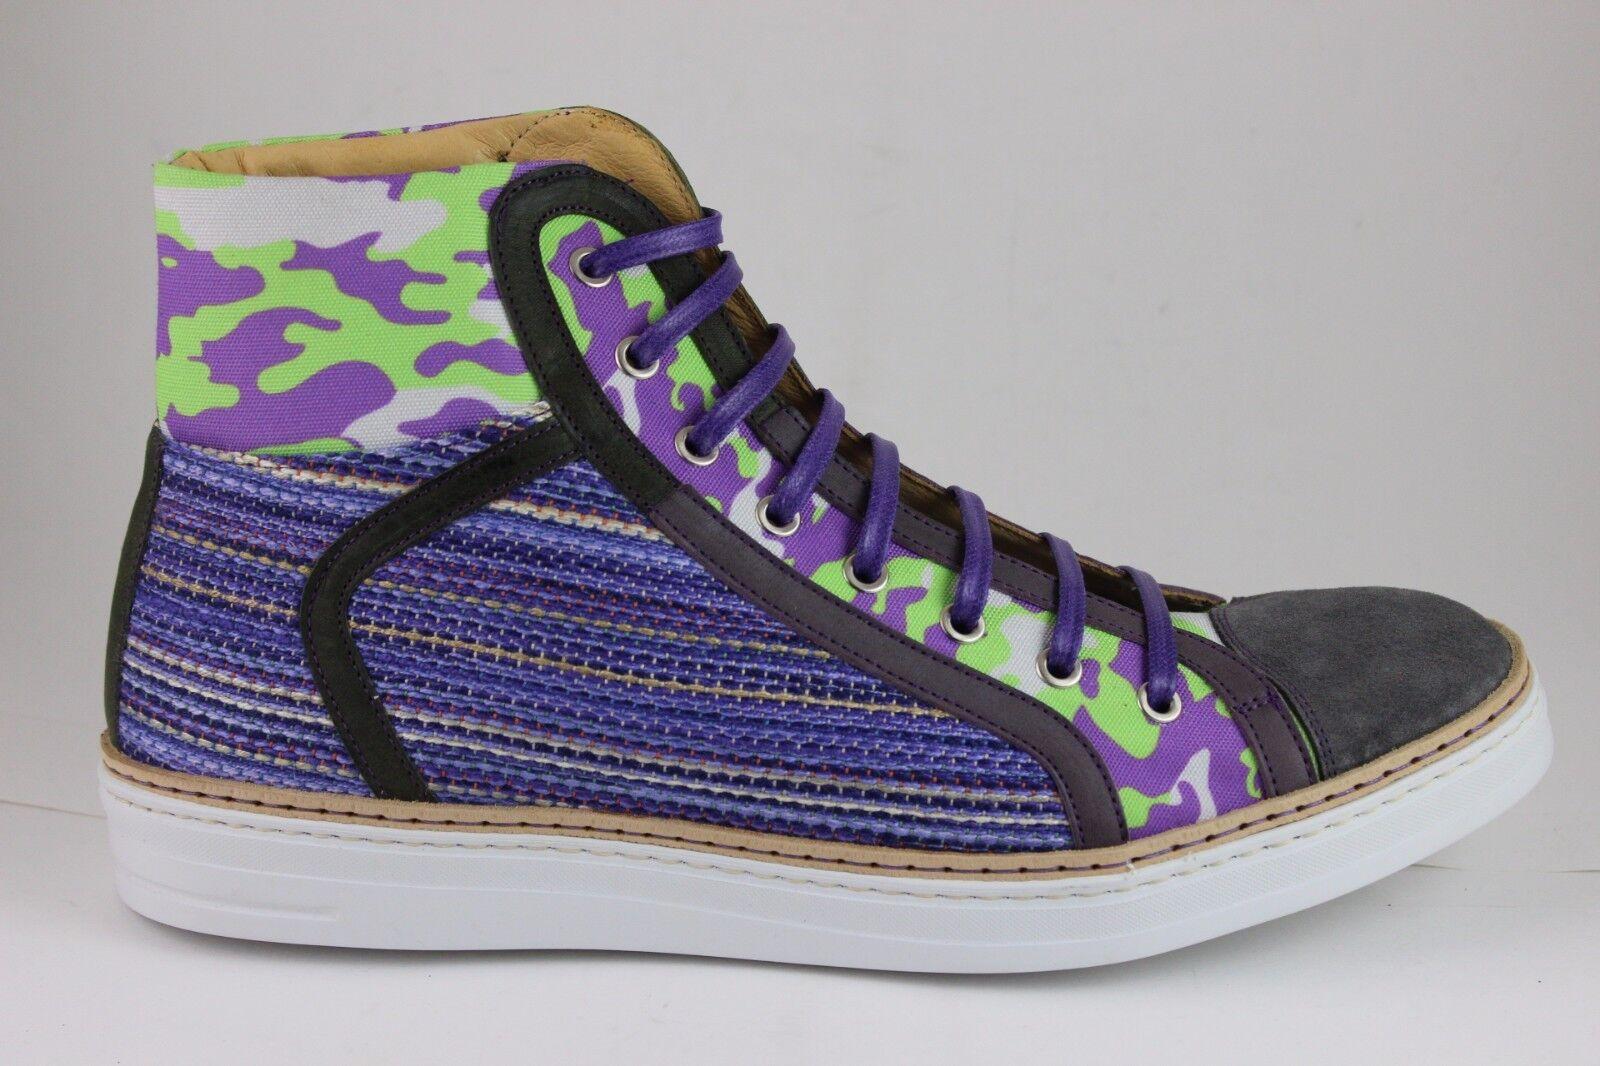 Robert Graham Men's Hizza HI Top Sneakers bluee 50587 Brand New in Box